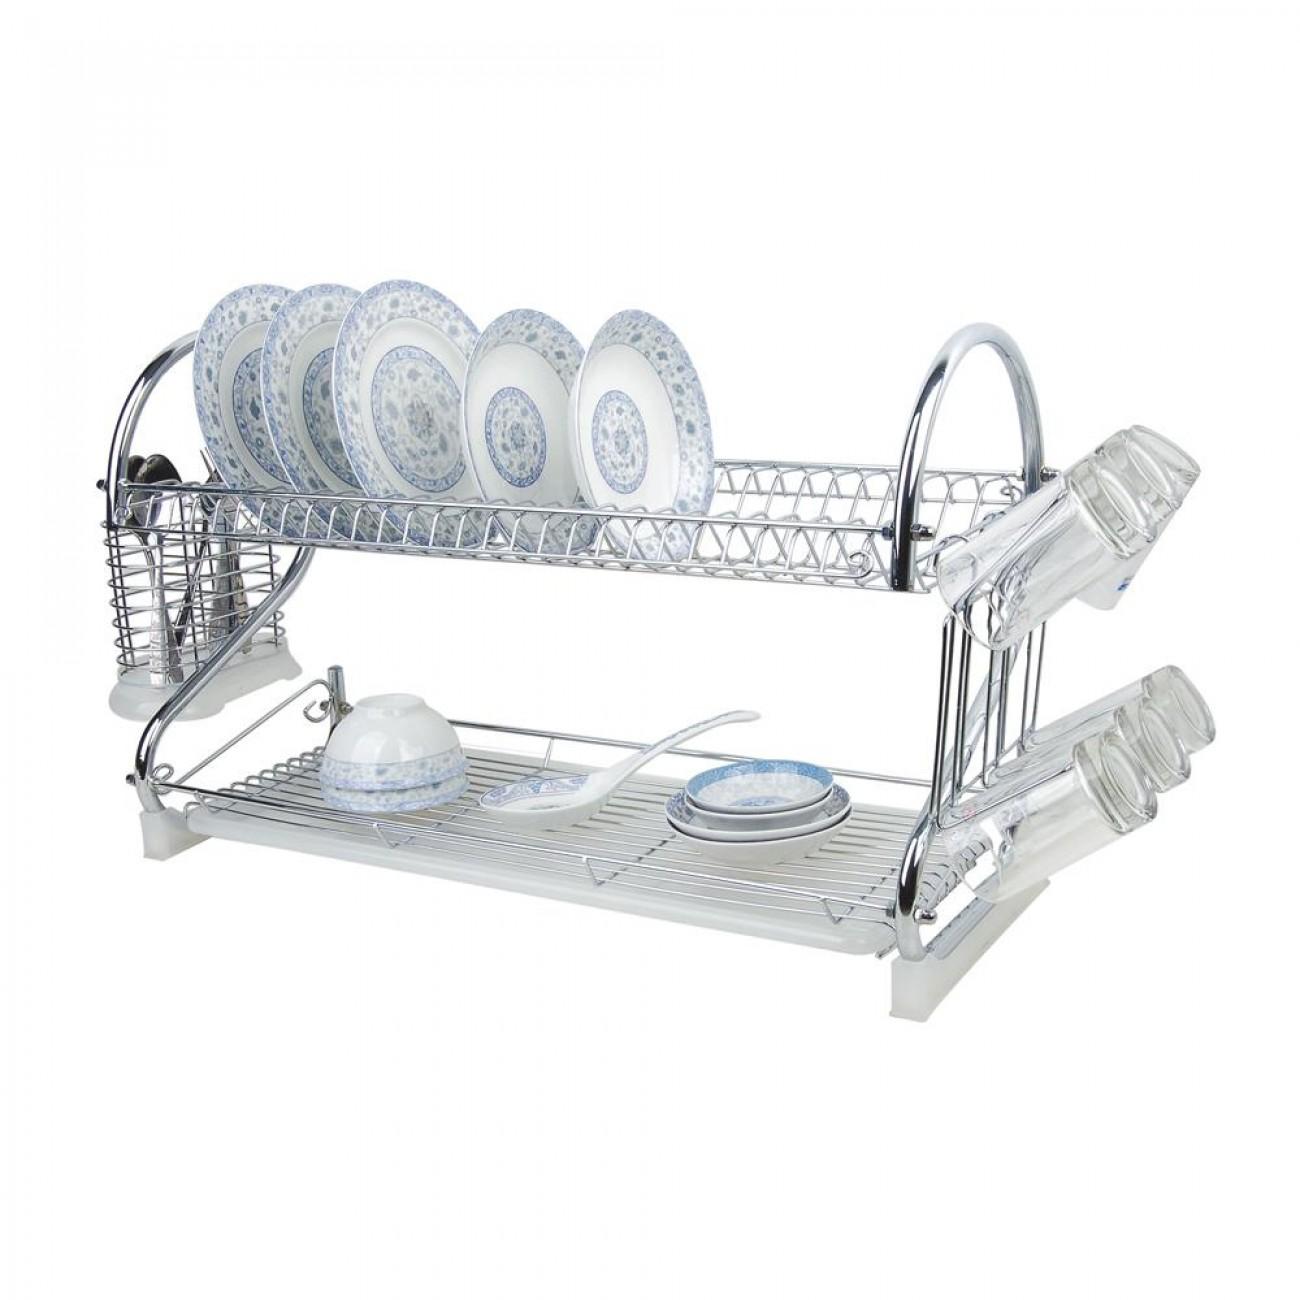 Сушилник за чинии SAPIR SP 3000 F1, Две нива, Поставки за чаши и прибори, Хром в Сушилник за съдове - SAPIR | Alleop